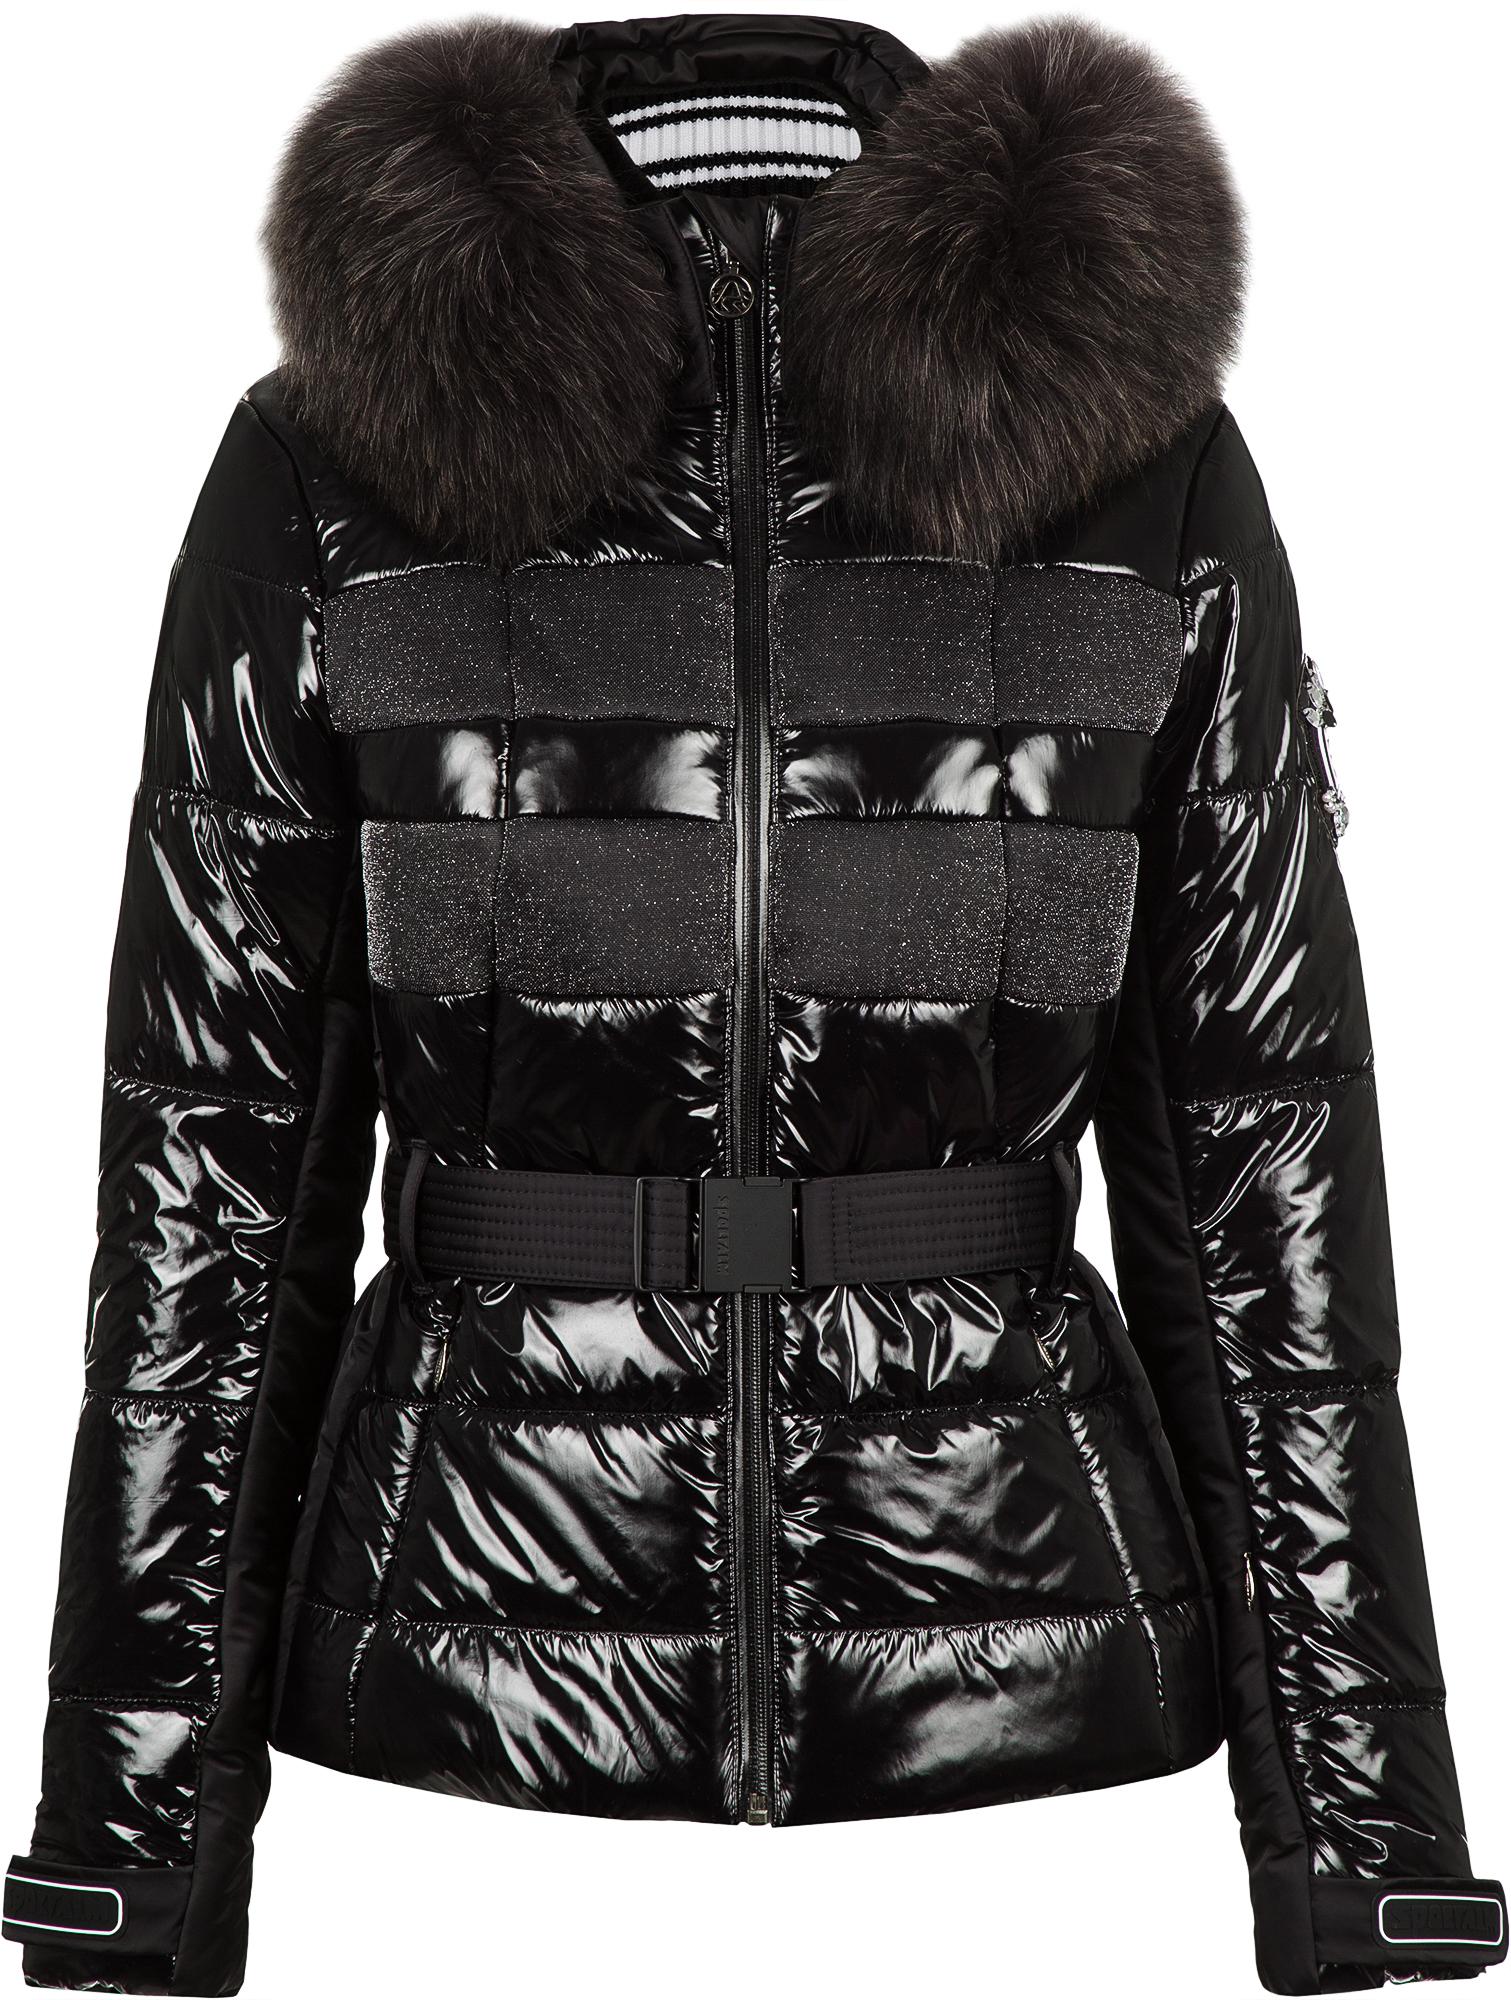 Фото - Sportalm Куртка утепленная женская Sportalm Juwel m.Kap+P, размер 48 куртка женская trussardi цвет темно синий 36s00158 blue night размер l 46 48